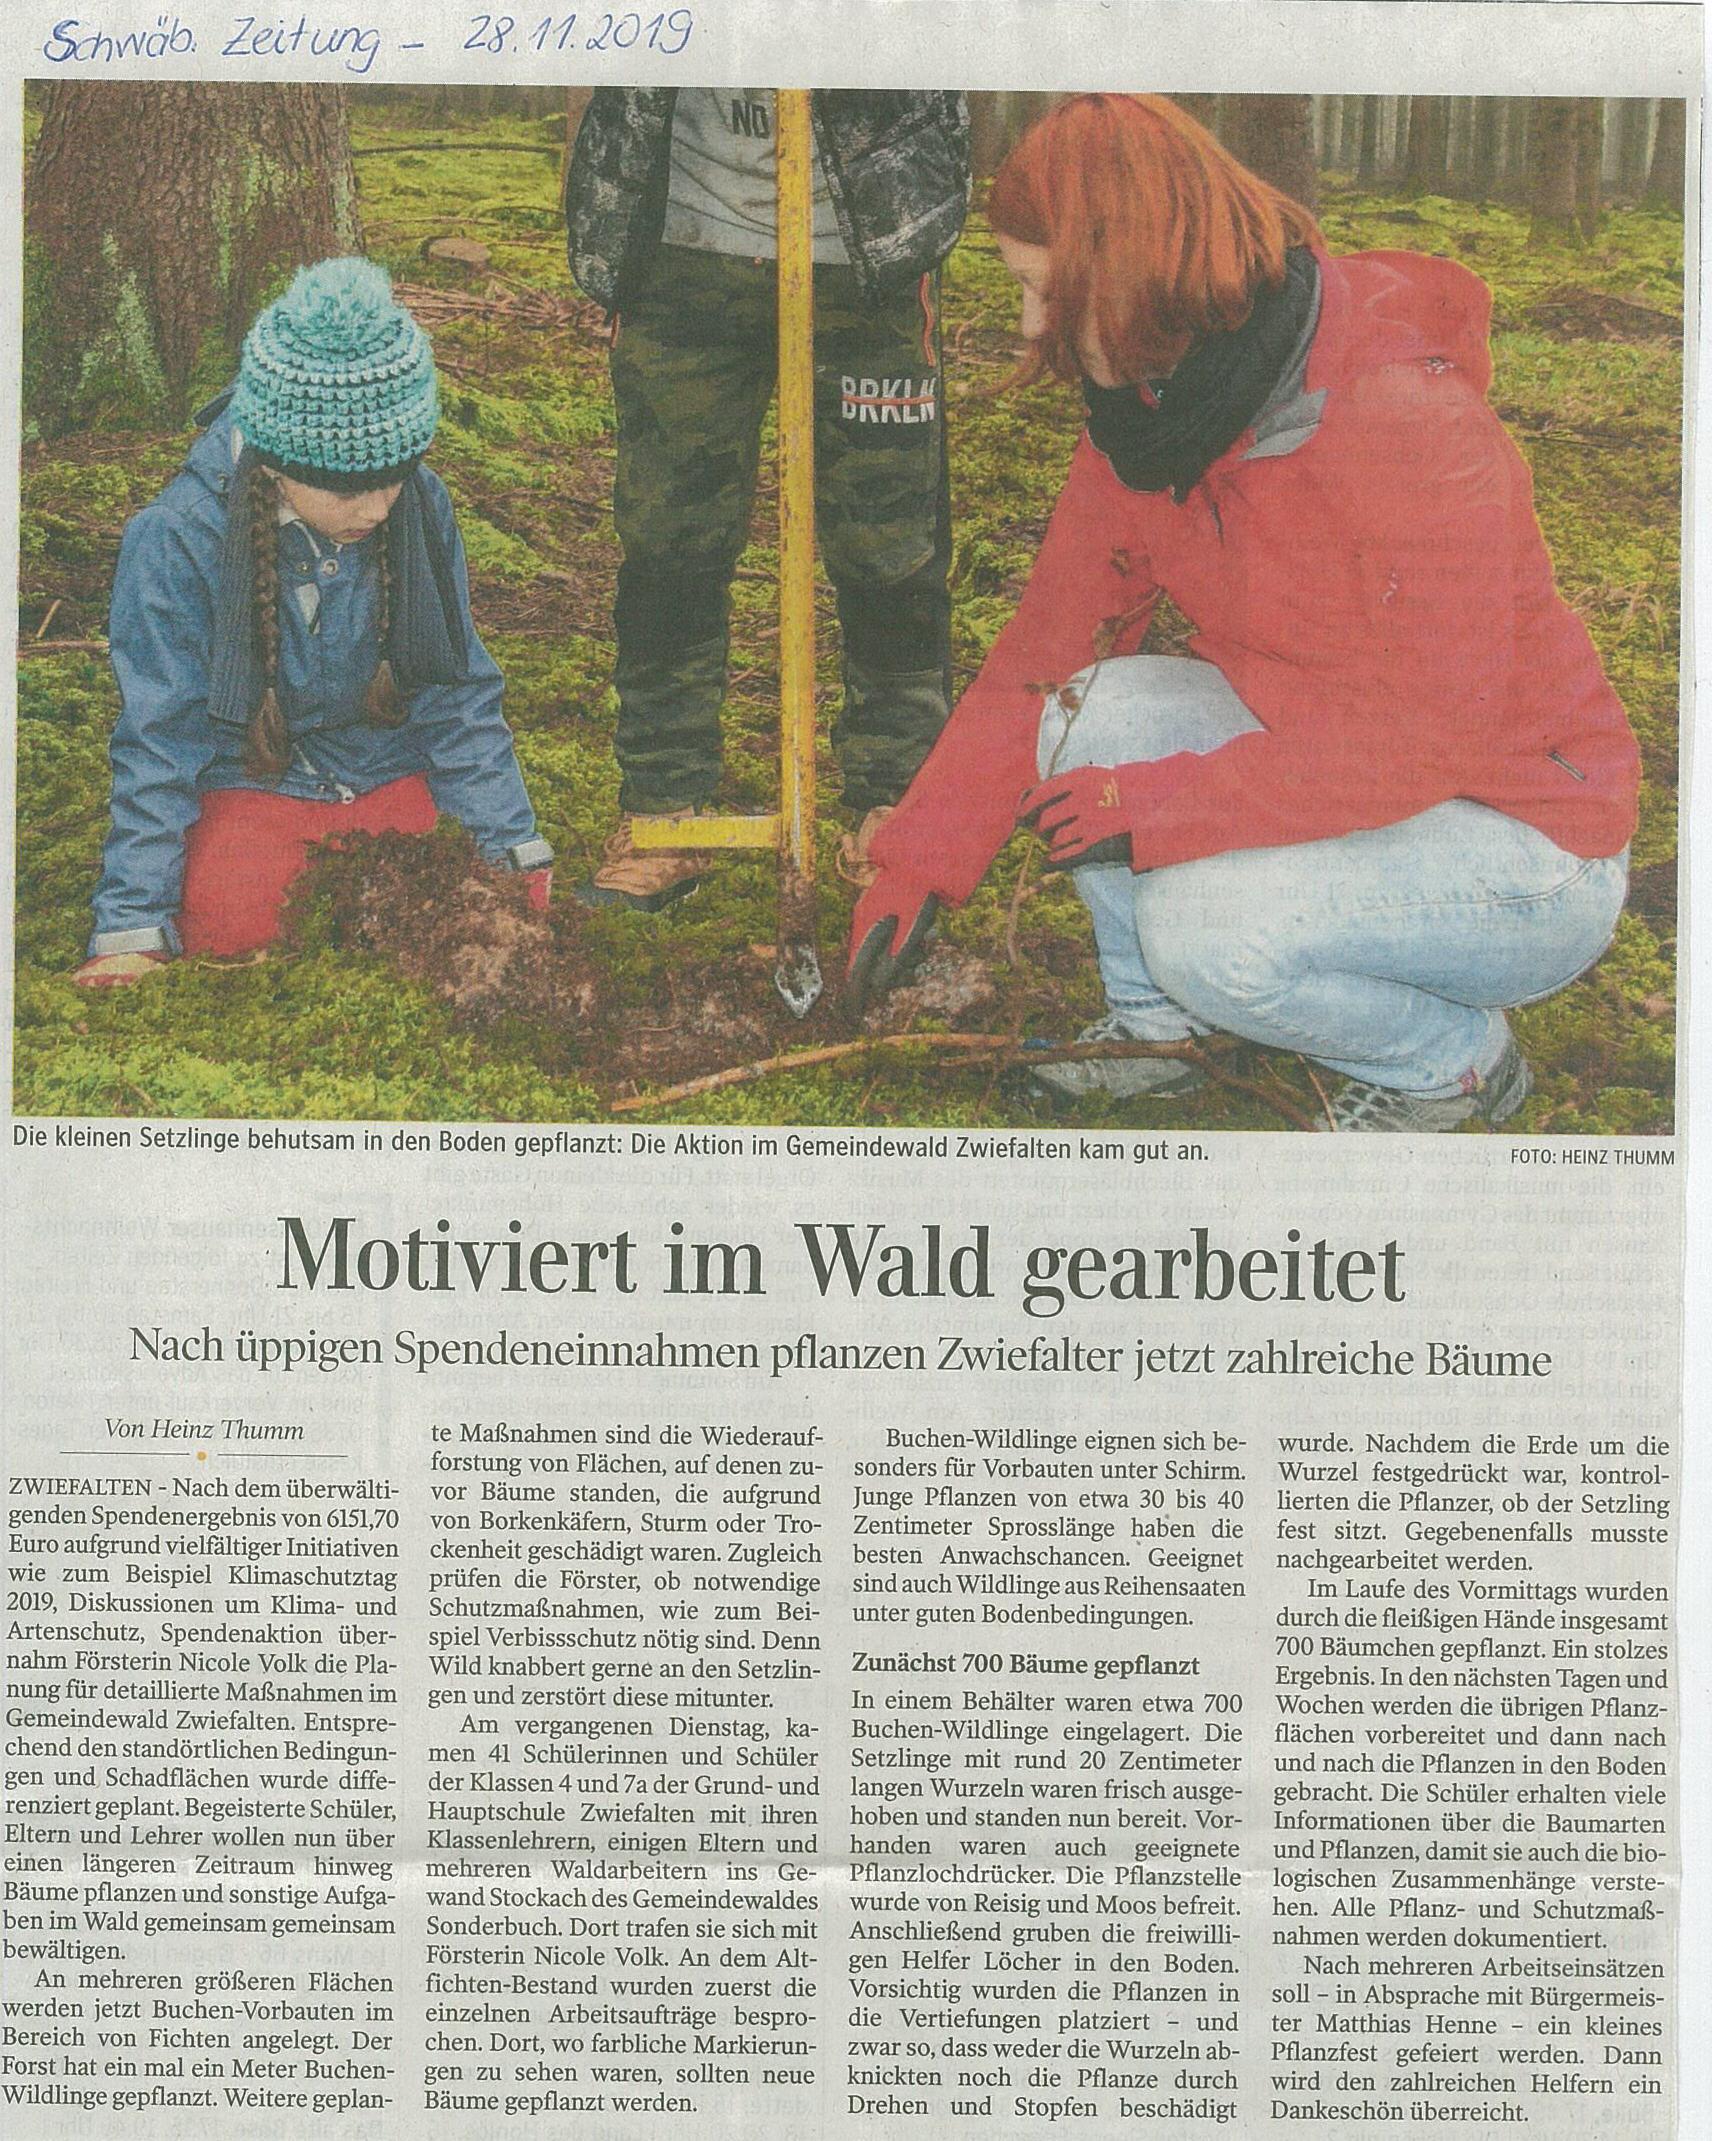 19_Schwaebische_Zeitung_28.11.2019_Pflan